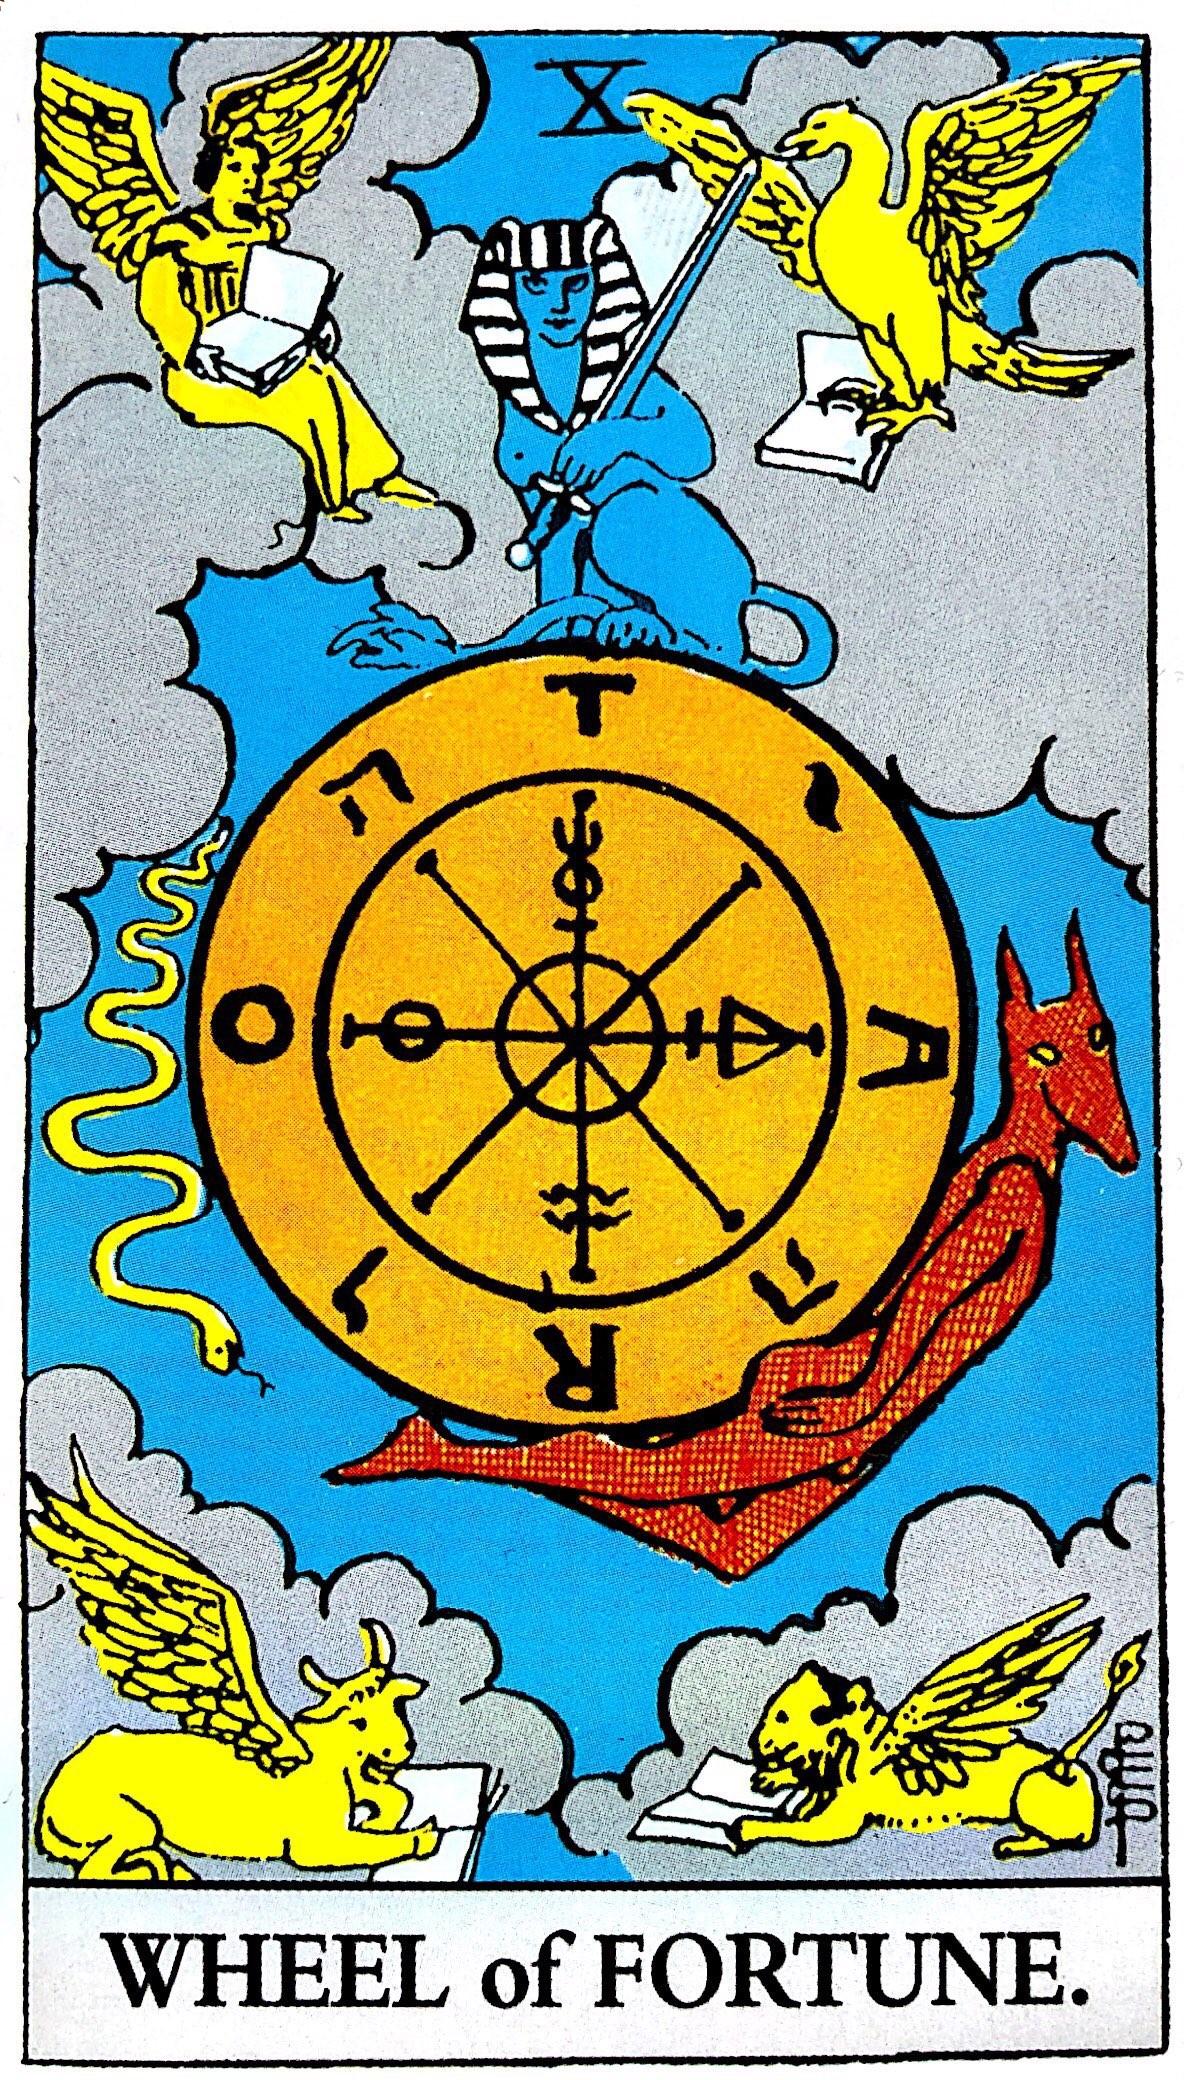 タロット占い「運命の輪」の意味【正位置】